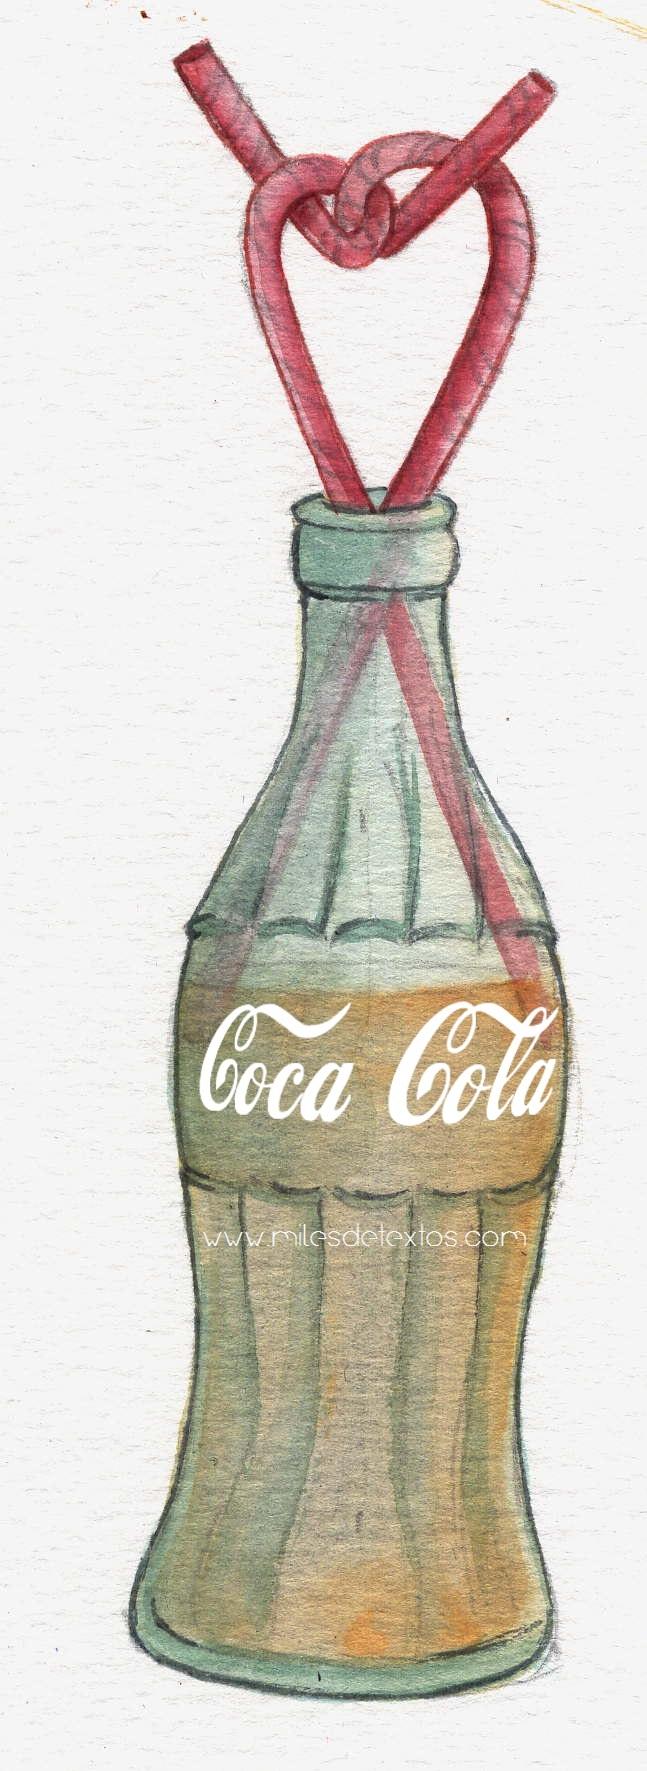 Coca-cola. milesdetextos